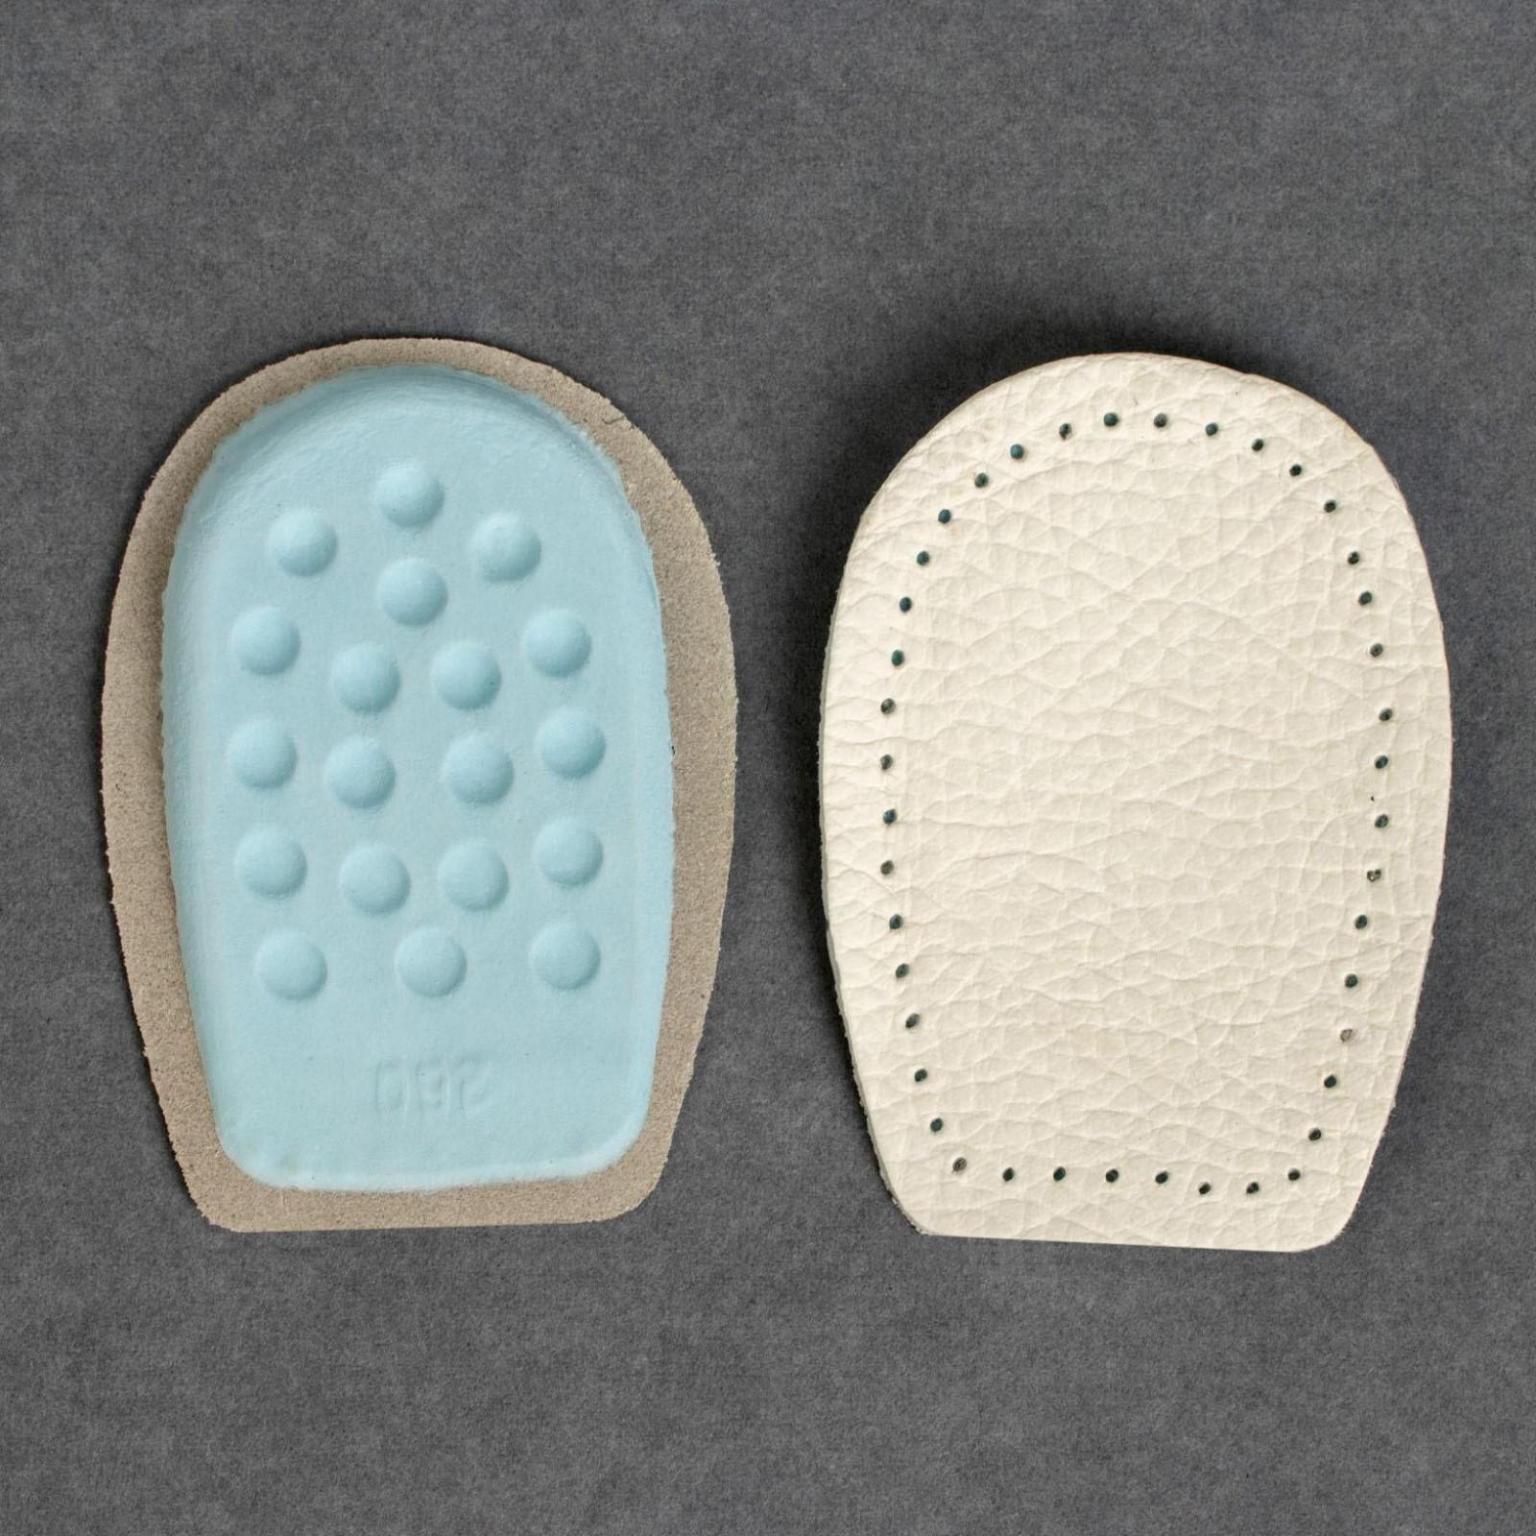 Подпяточники для обуви кожаные, 10*6,5 см, пара, цвет бежевый